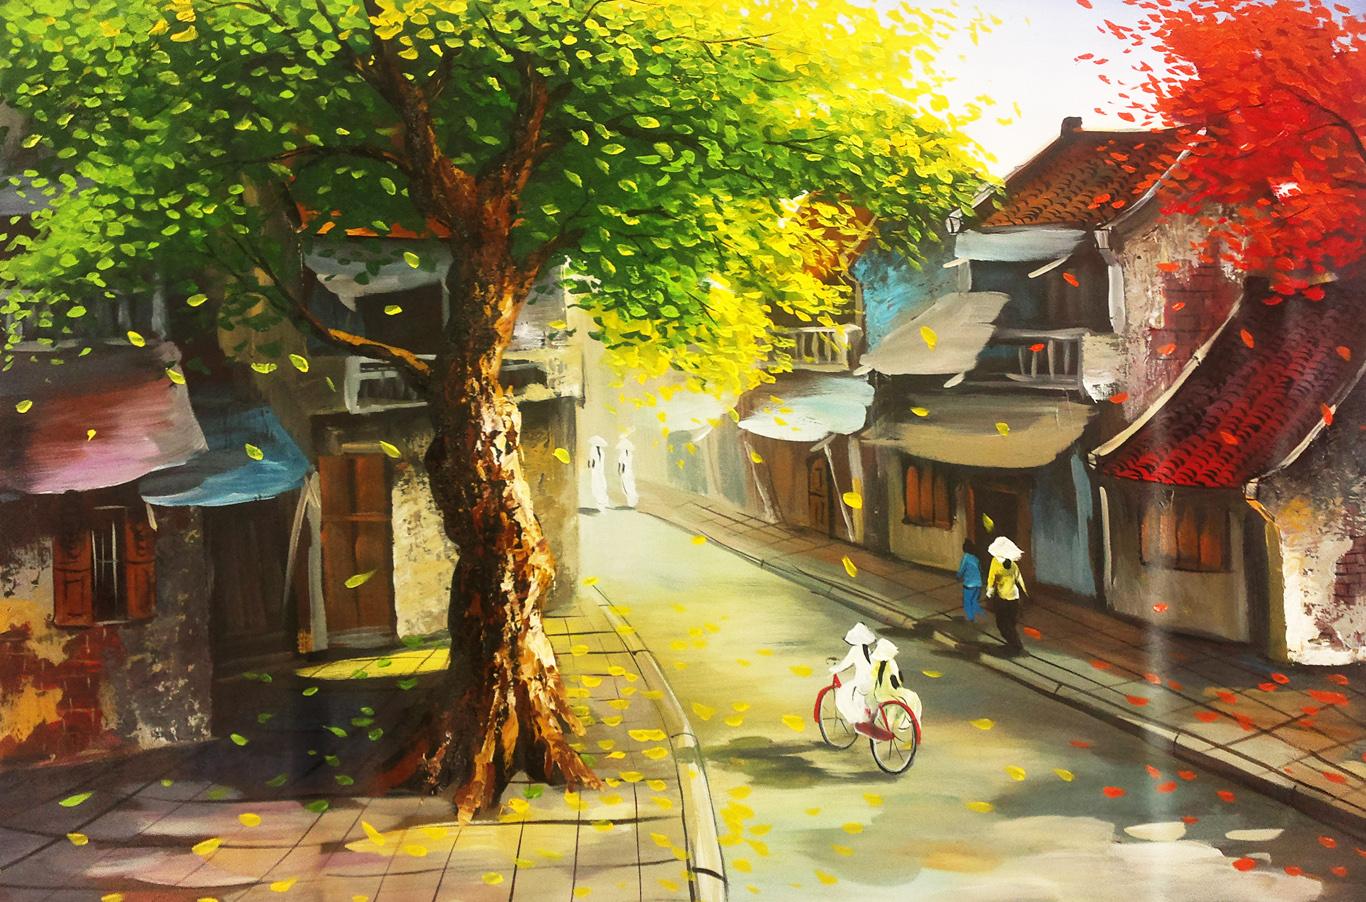 tranh sơn dầu phong cảnh đẹp ấn tượng